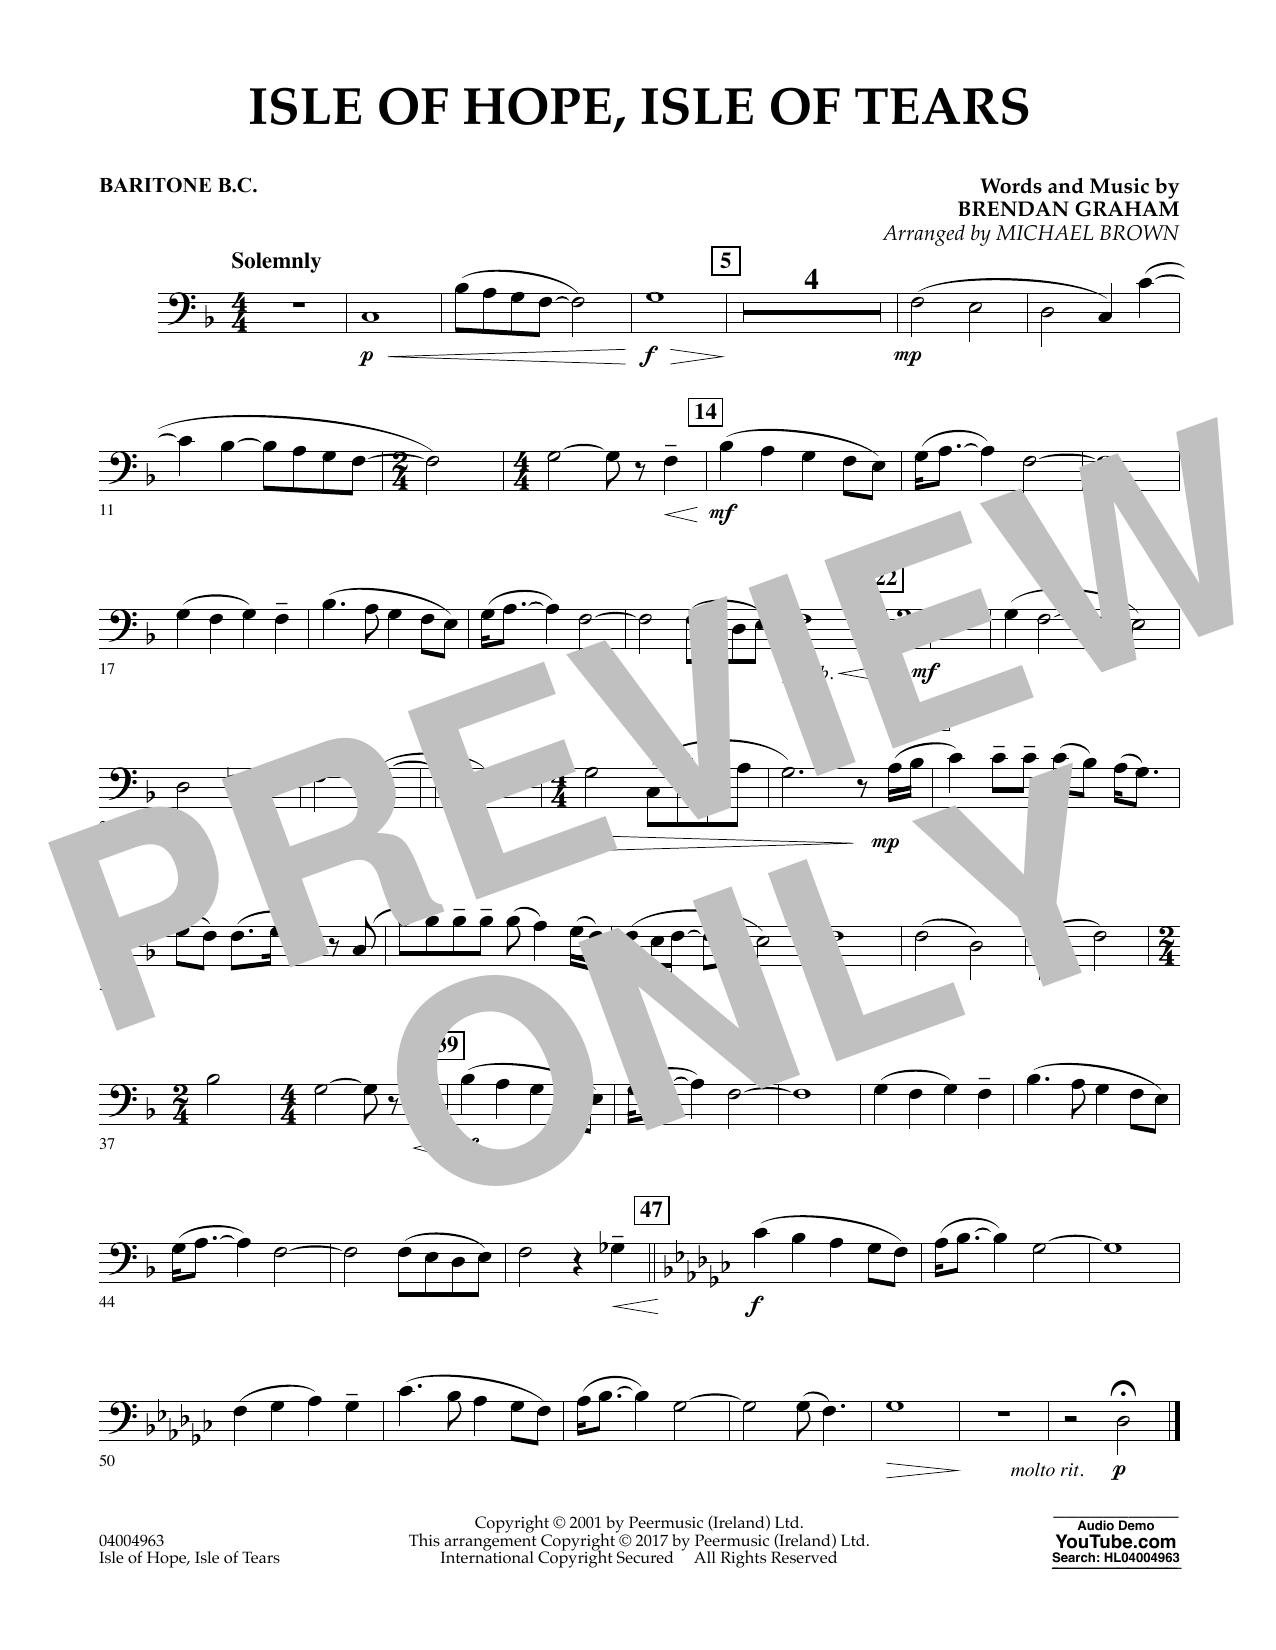 Isle of Hope, Isle of Tears - Baritone B.C. Sheet Music